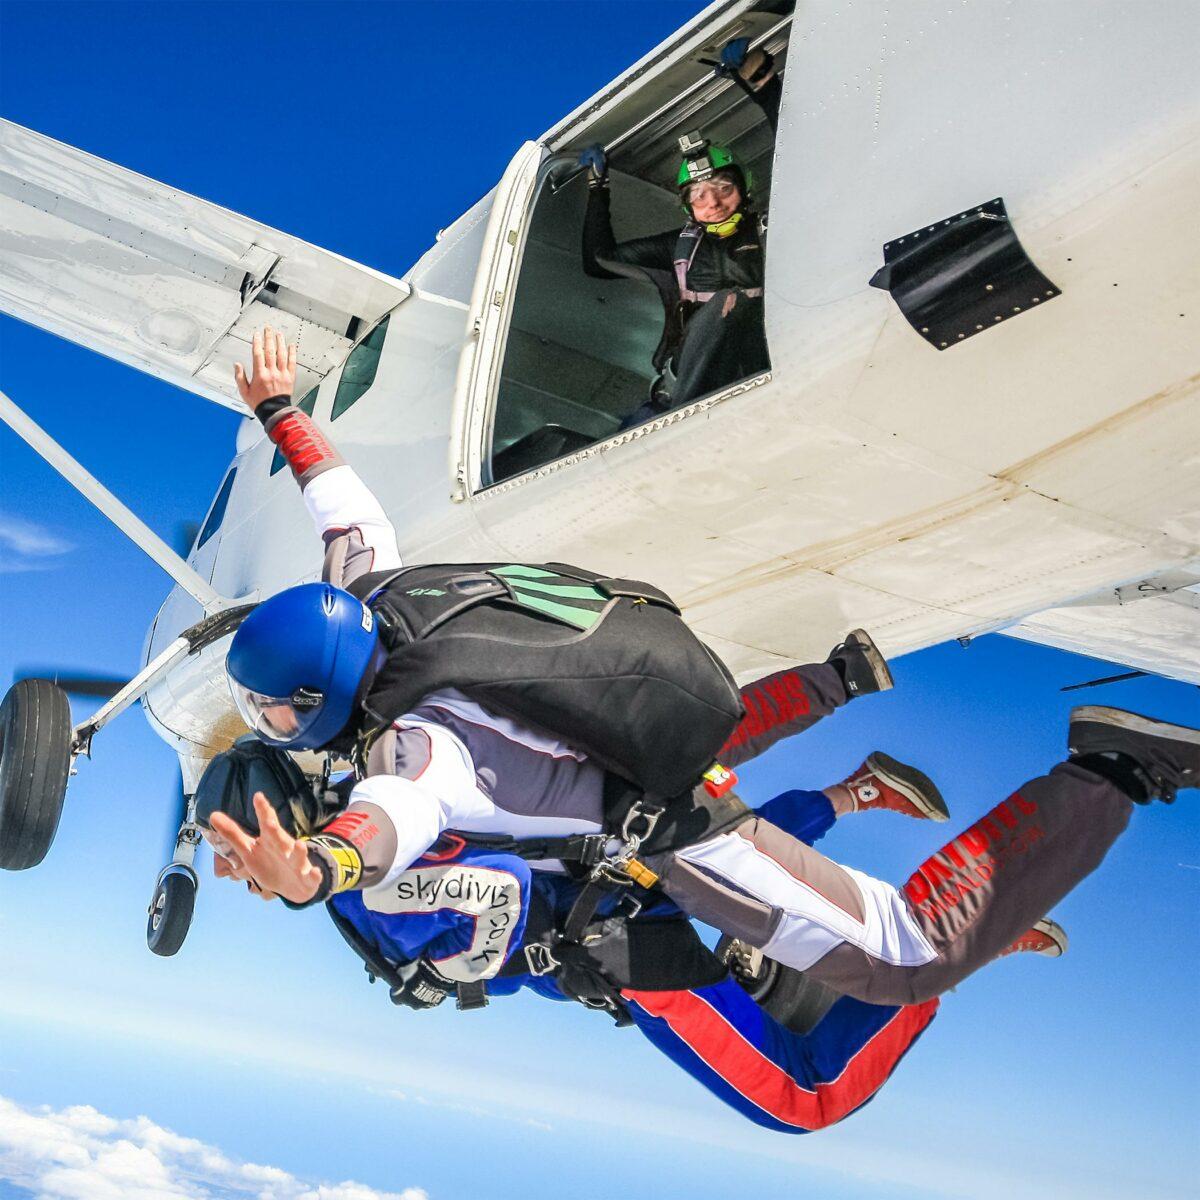 skydive-hibaldstow-tandem-skydiving-plane